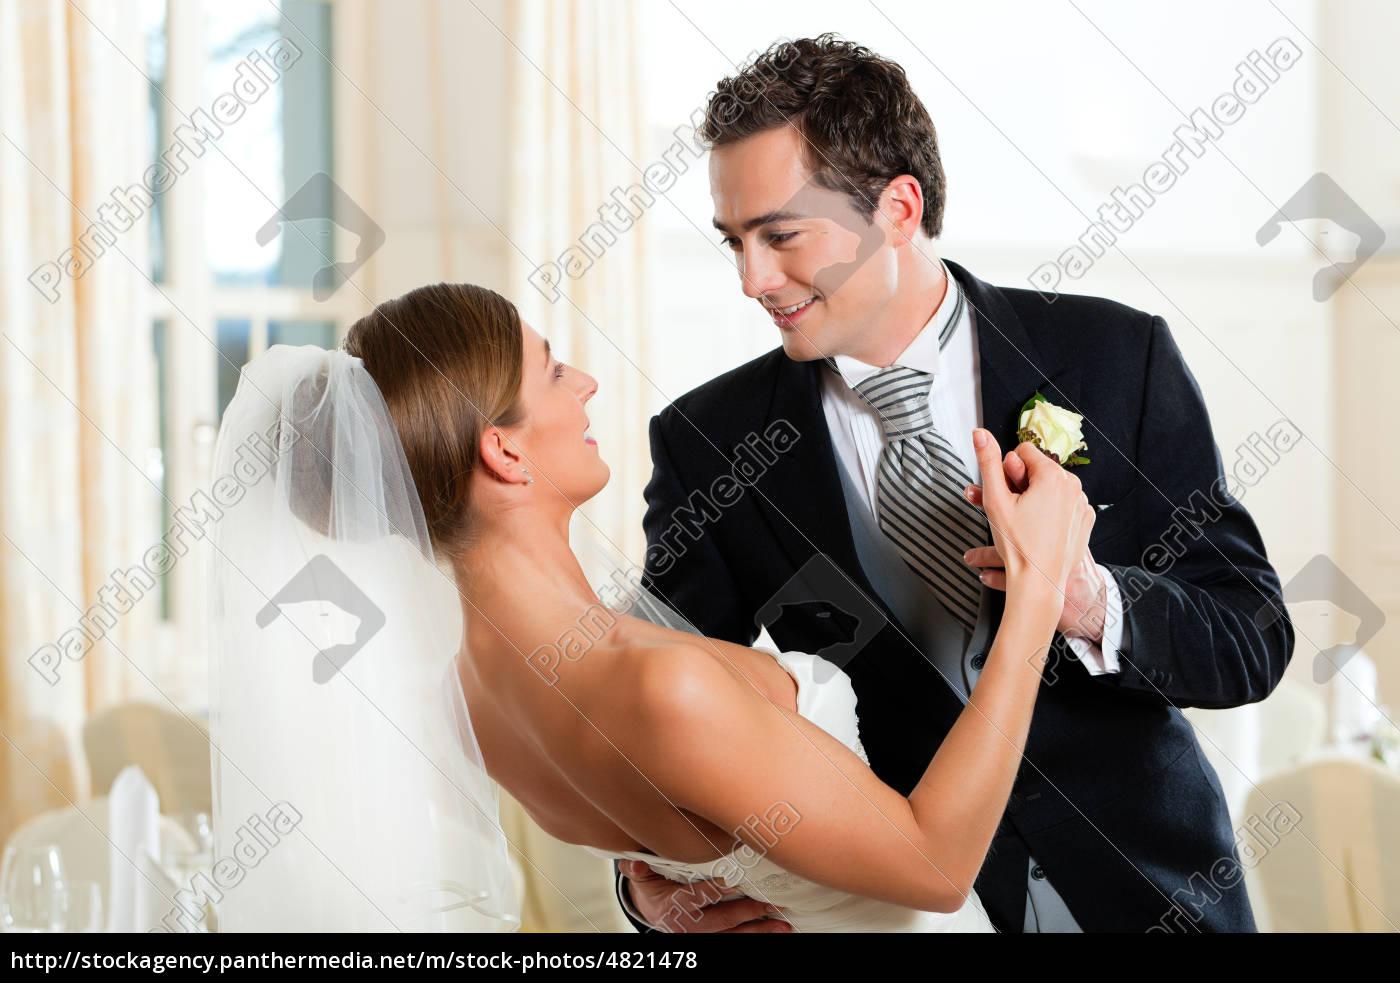 braut, und, bräutigam, beim, hochzeitswalzer - 4821478